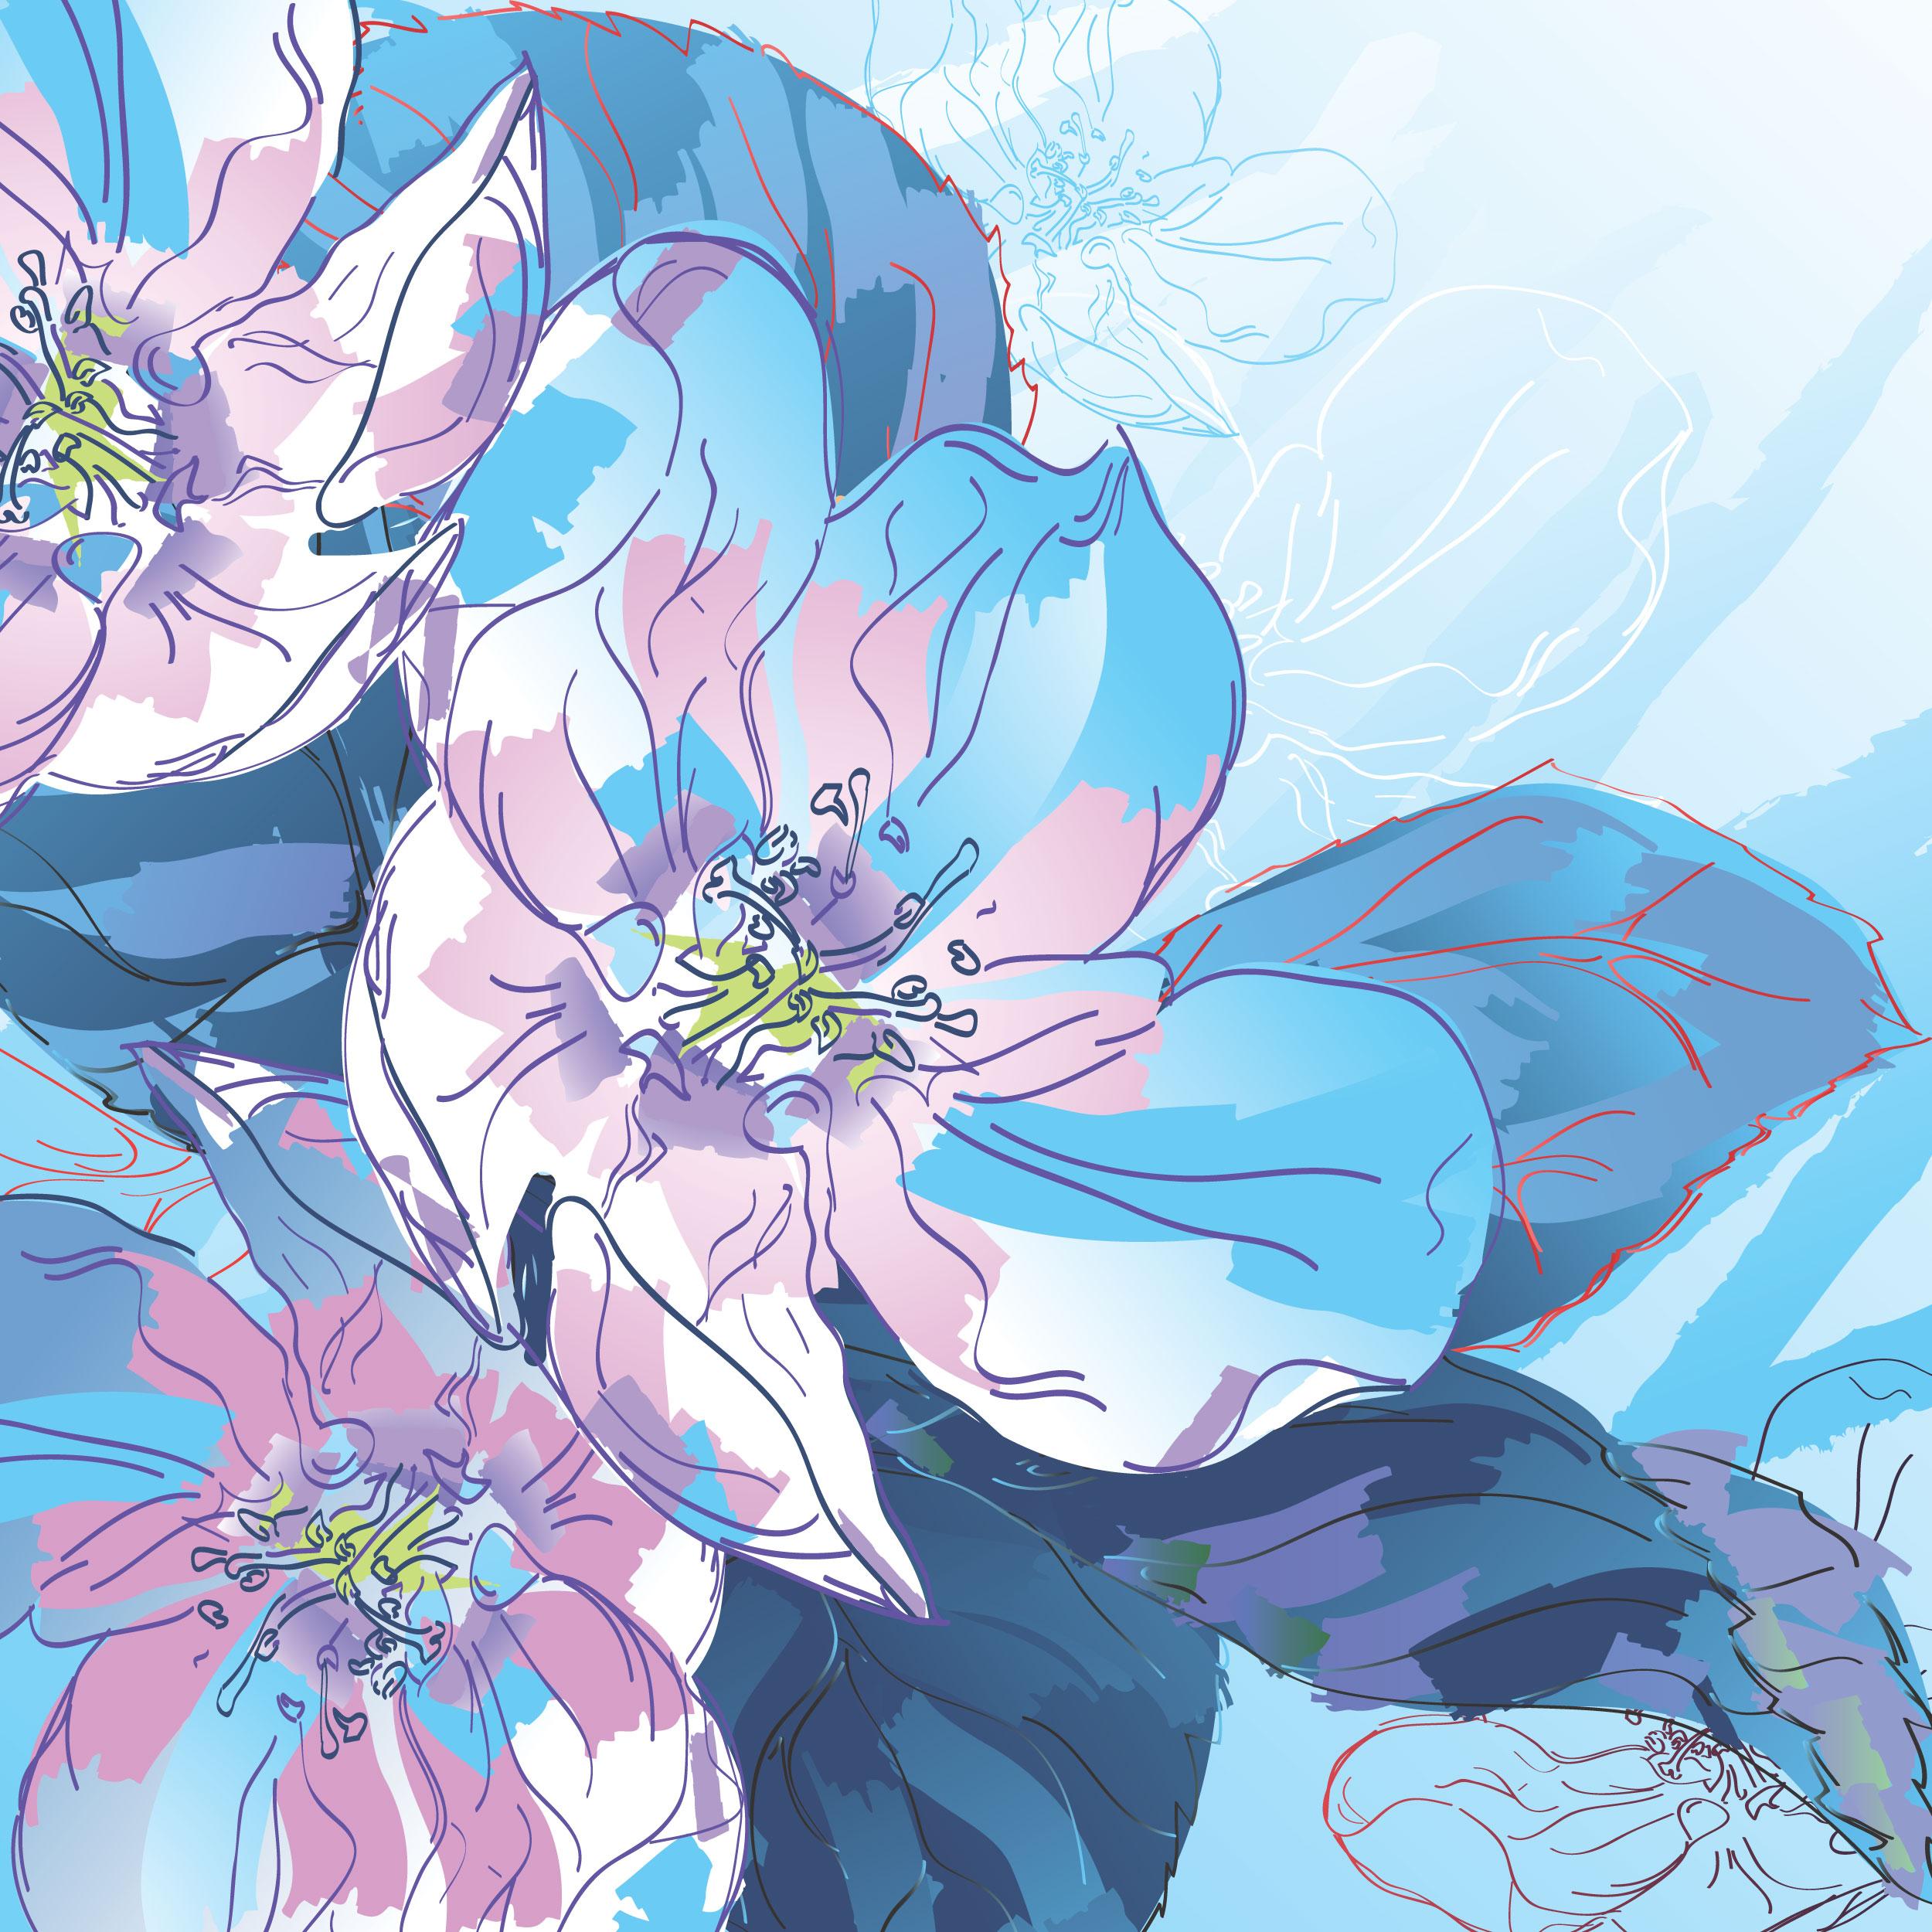 花のイラストフリー素材壁紙背景no791手書き風カラフル